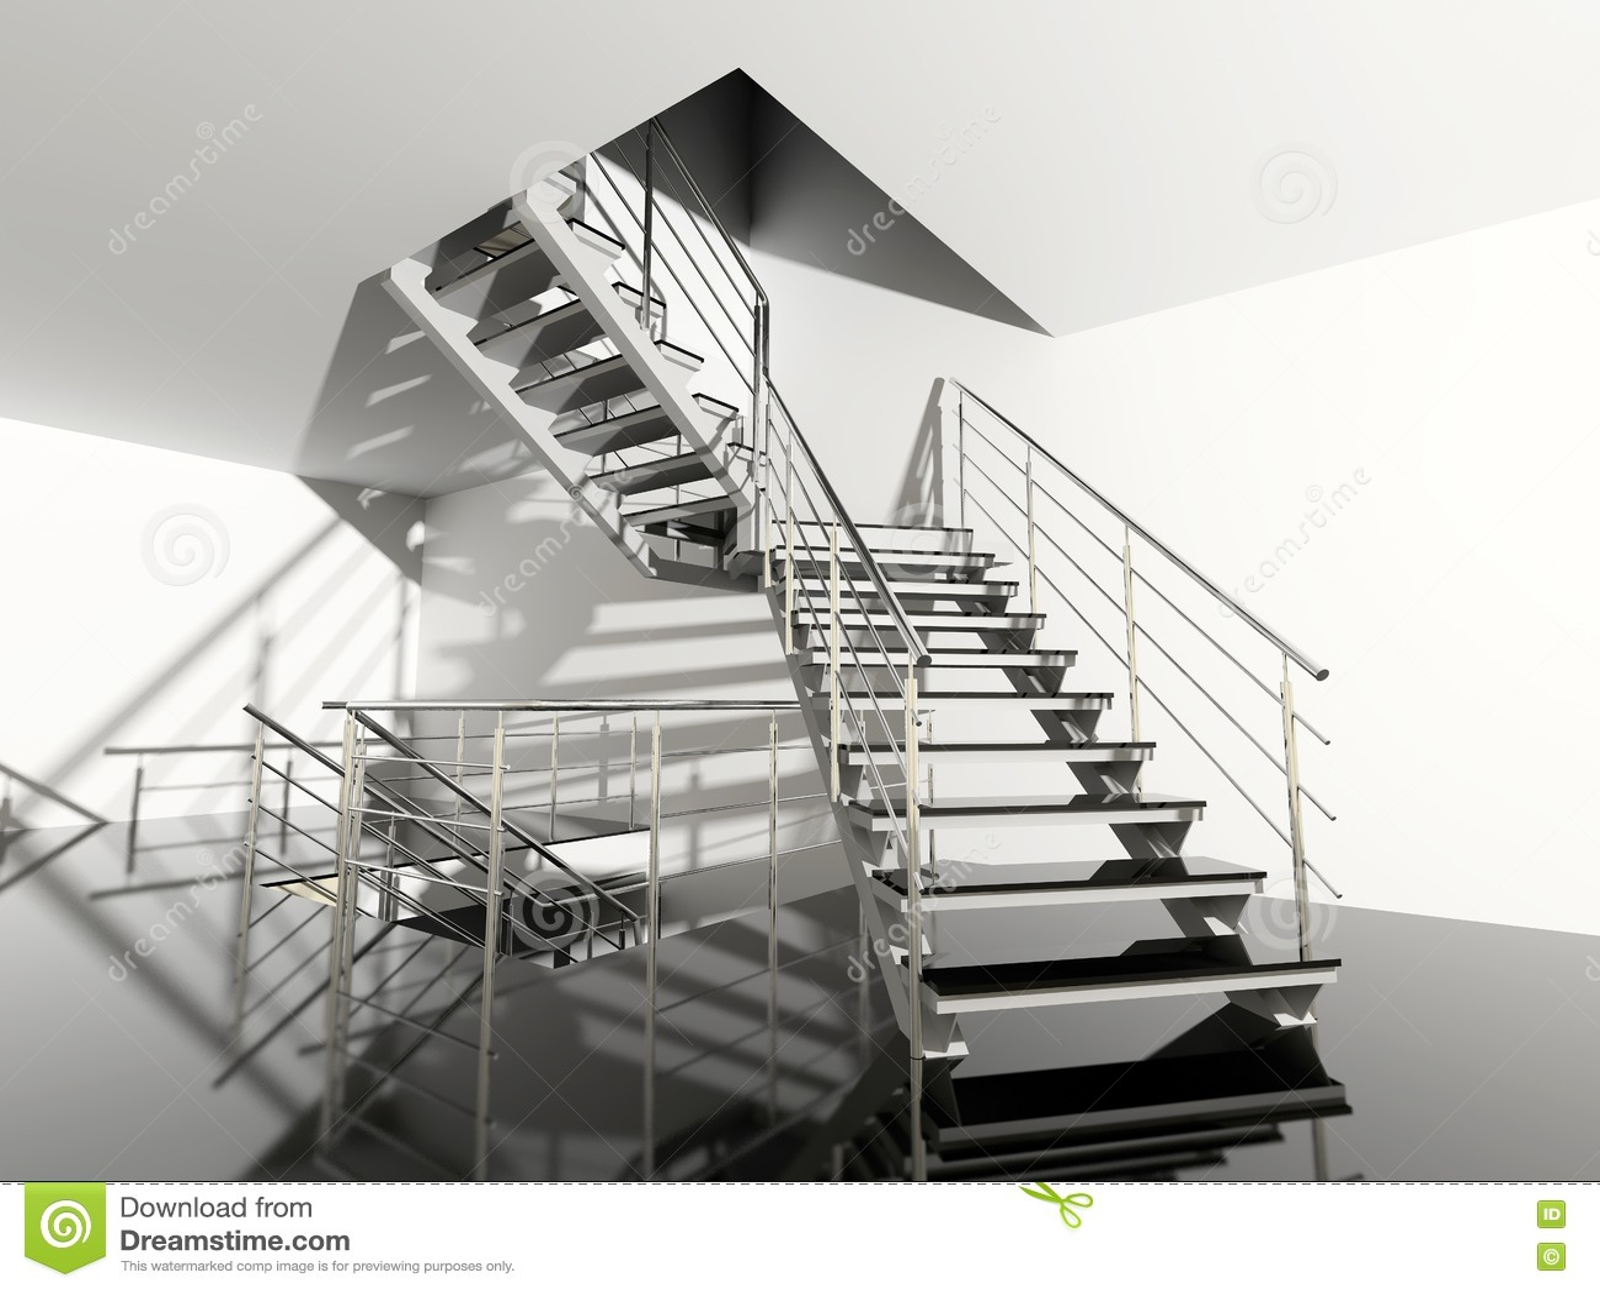 escalier moderne image stock image 2798371. Black Bedroom Furniture Sets. Home Design Ideas